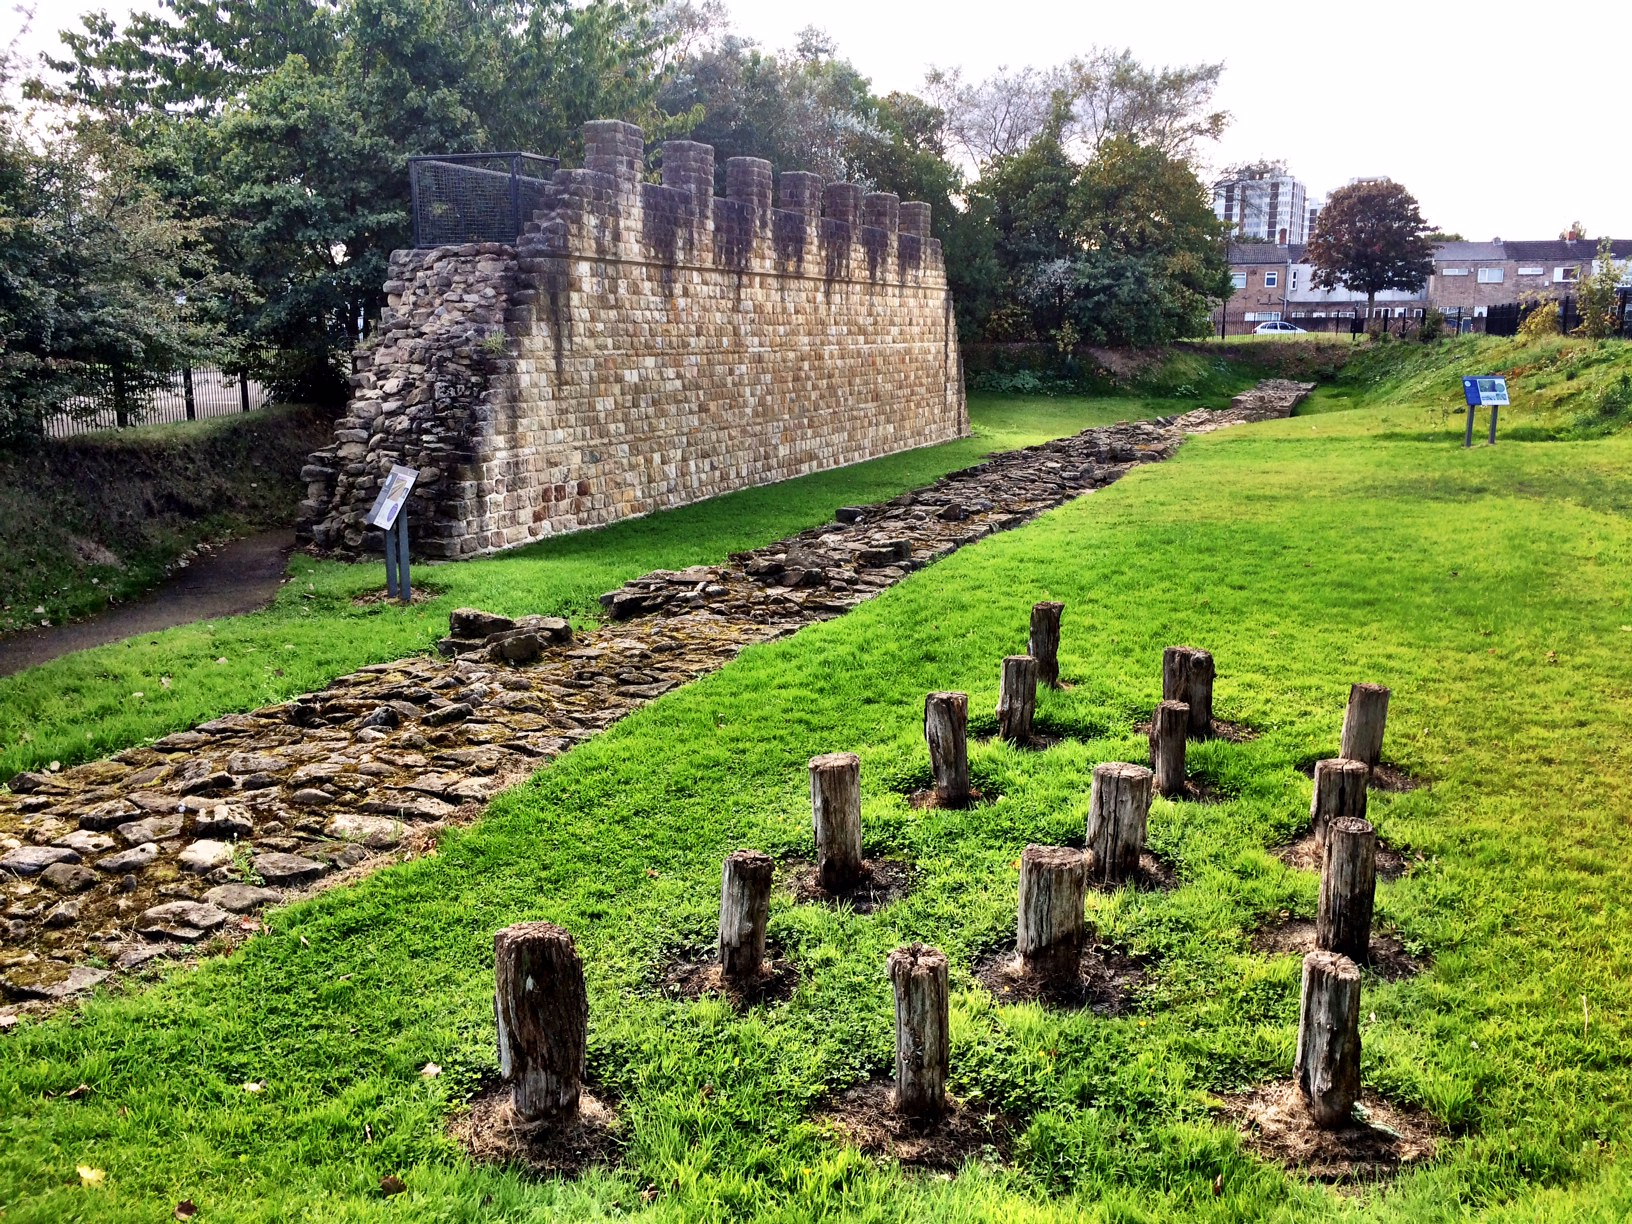 Hadrian's Wall Day 7 – Newburn to Tynemouth